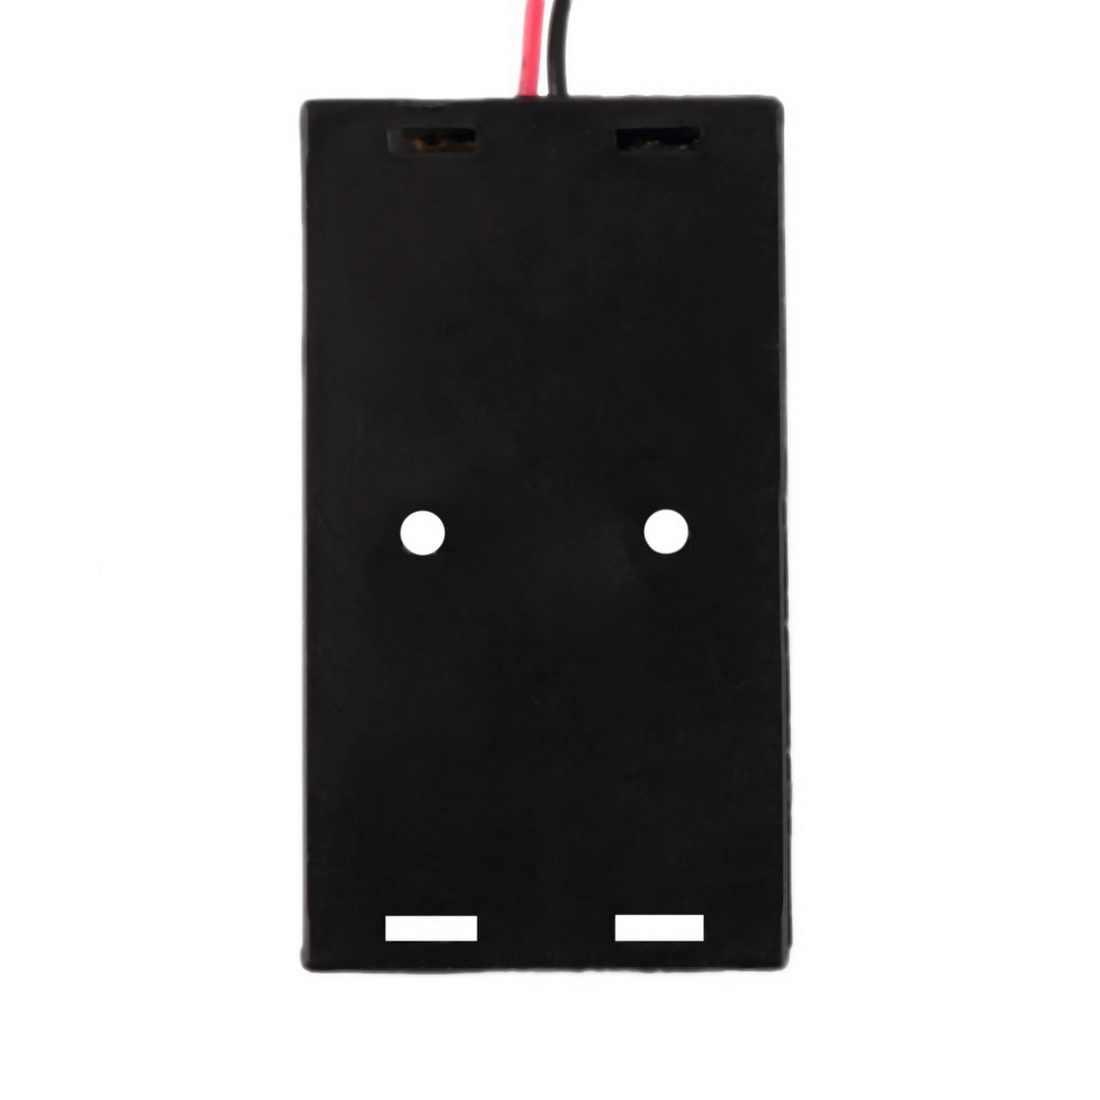 1 bateria PC uchwyt obudowa baterii dla 1/2/3/4 sztuk AA 1.5V suche pojemnik na baterie długi kabel zacisk baterii złącze klamry